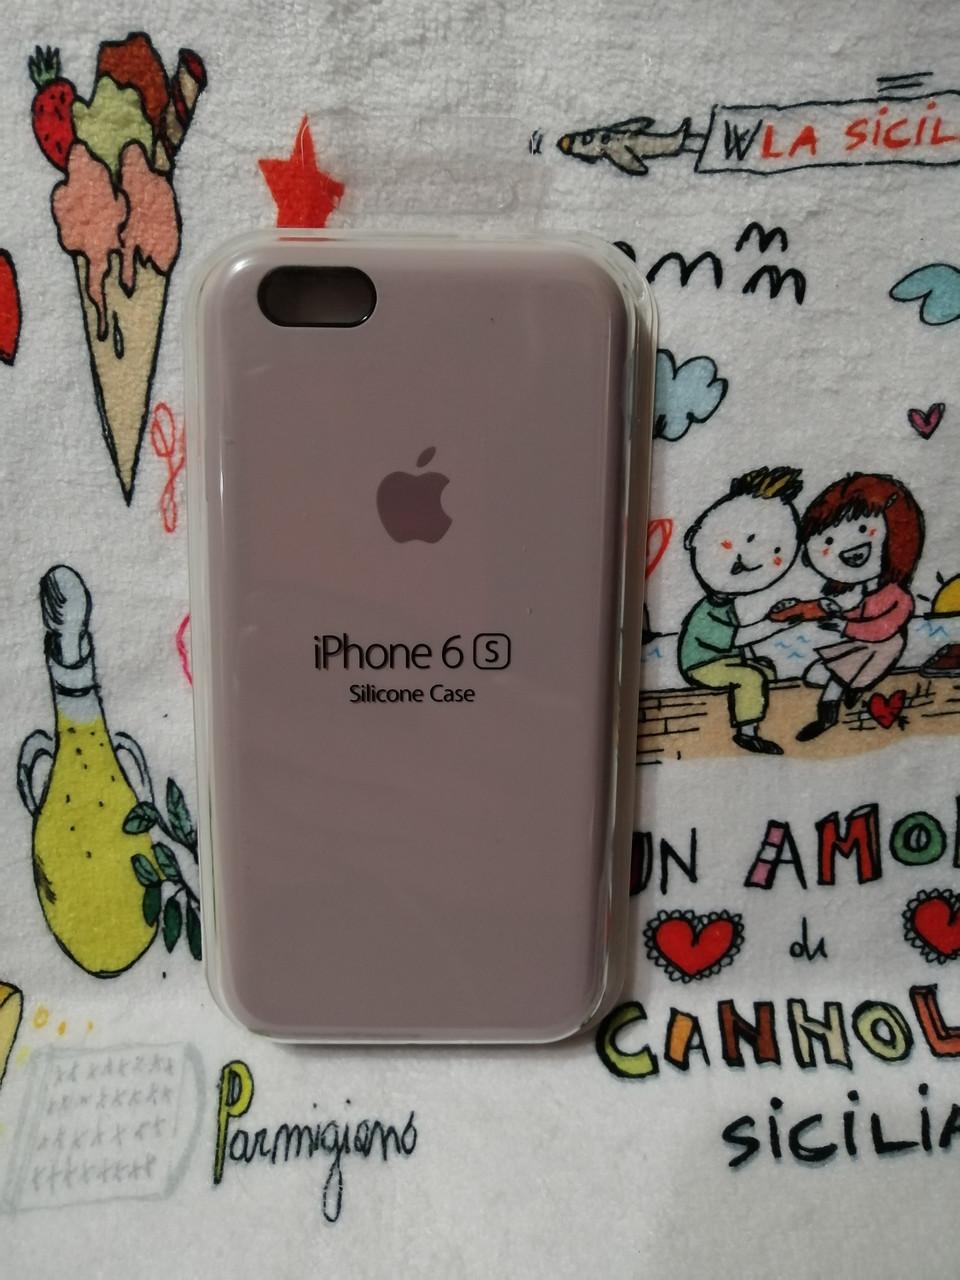 Силиконовый чехол для Айфон  6 / 6S  Silicon Case Iphone 6 / 6S в защищенном боксе - Color 3